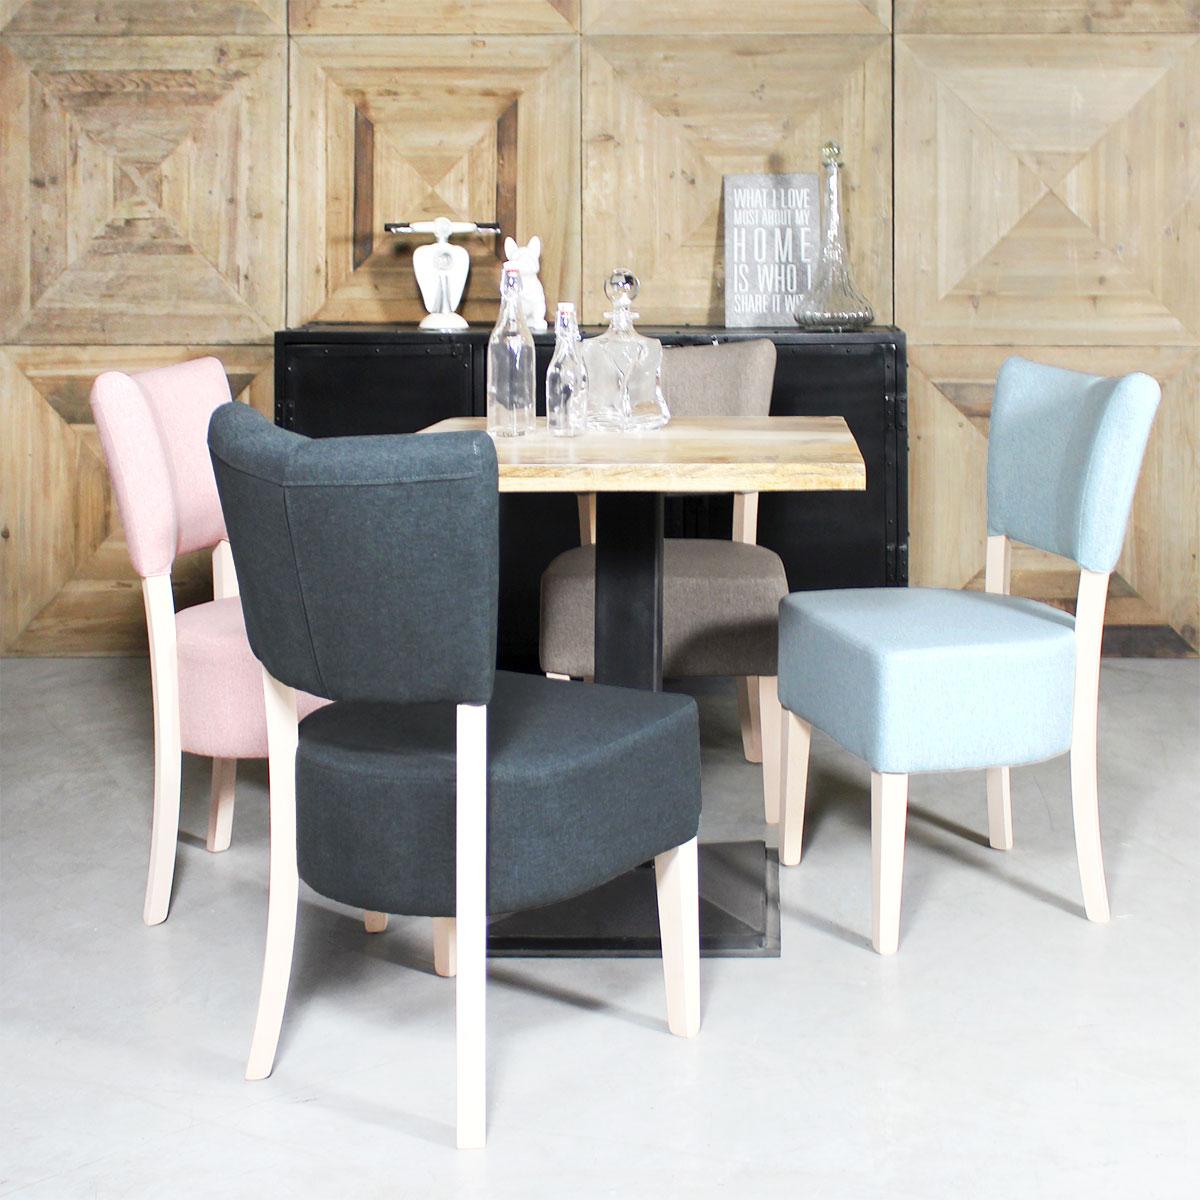 osez les chaises d�pareill�es ! - le blog d�co de made in